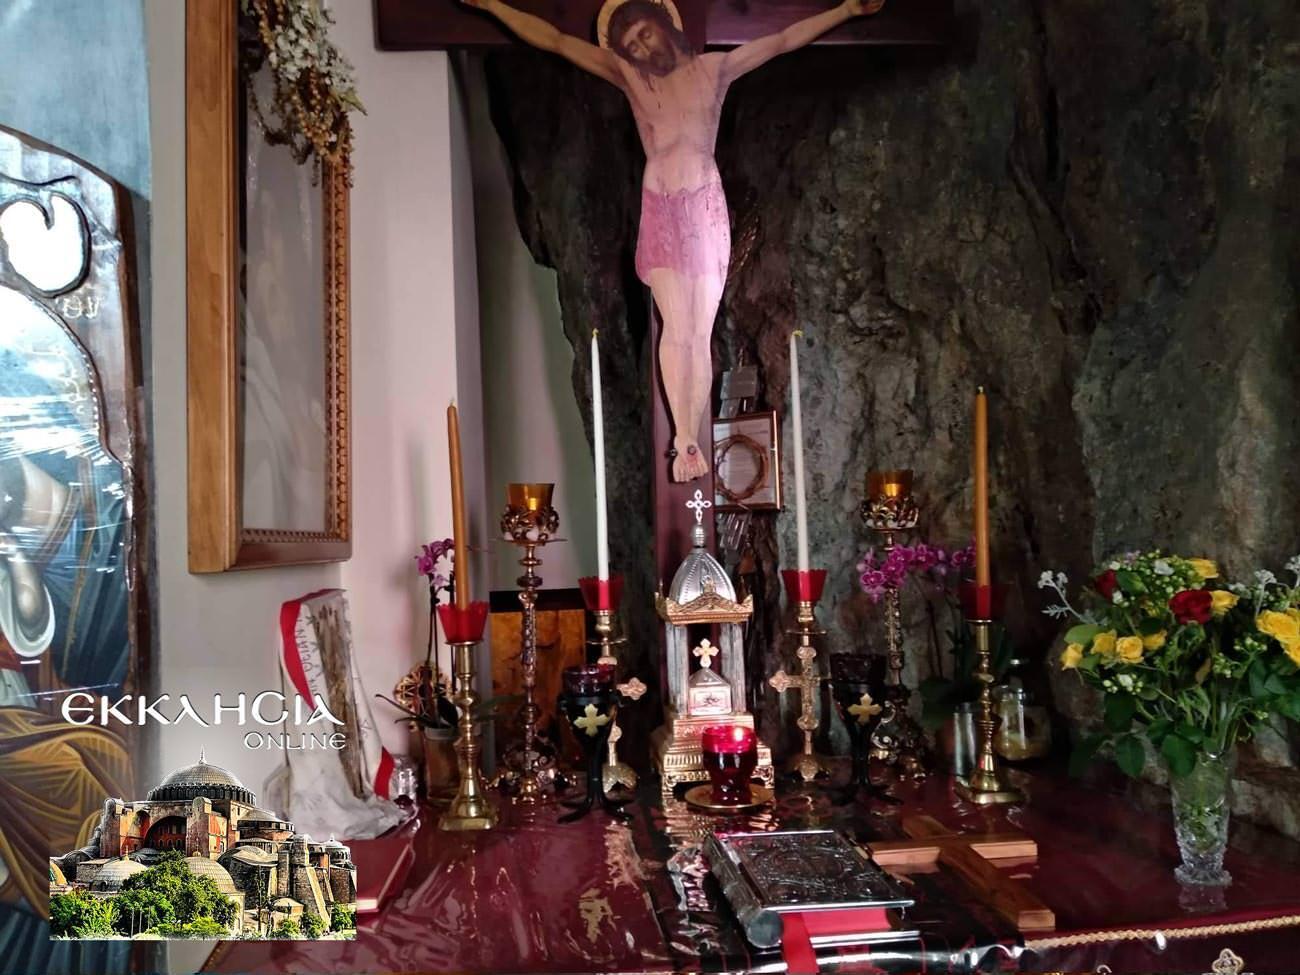 Άγιοι Ισίδωροι Λυκαβηττού Τίμιος Σταυρός 2019